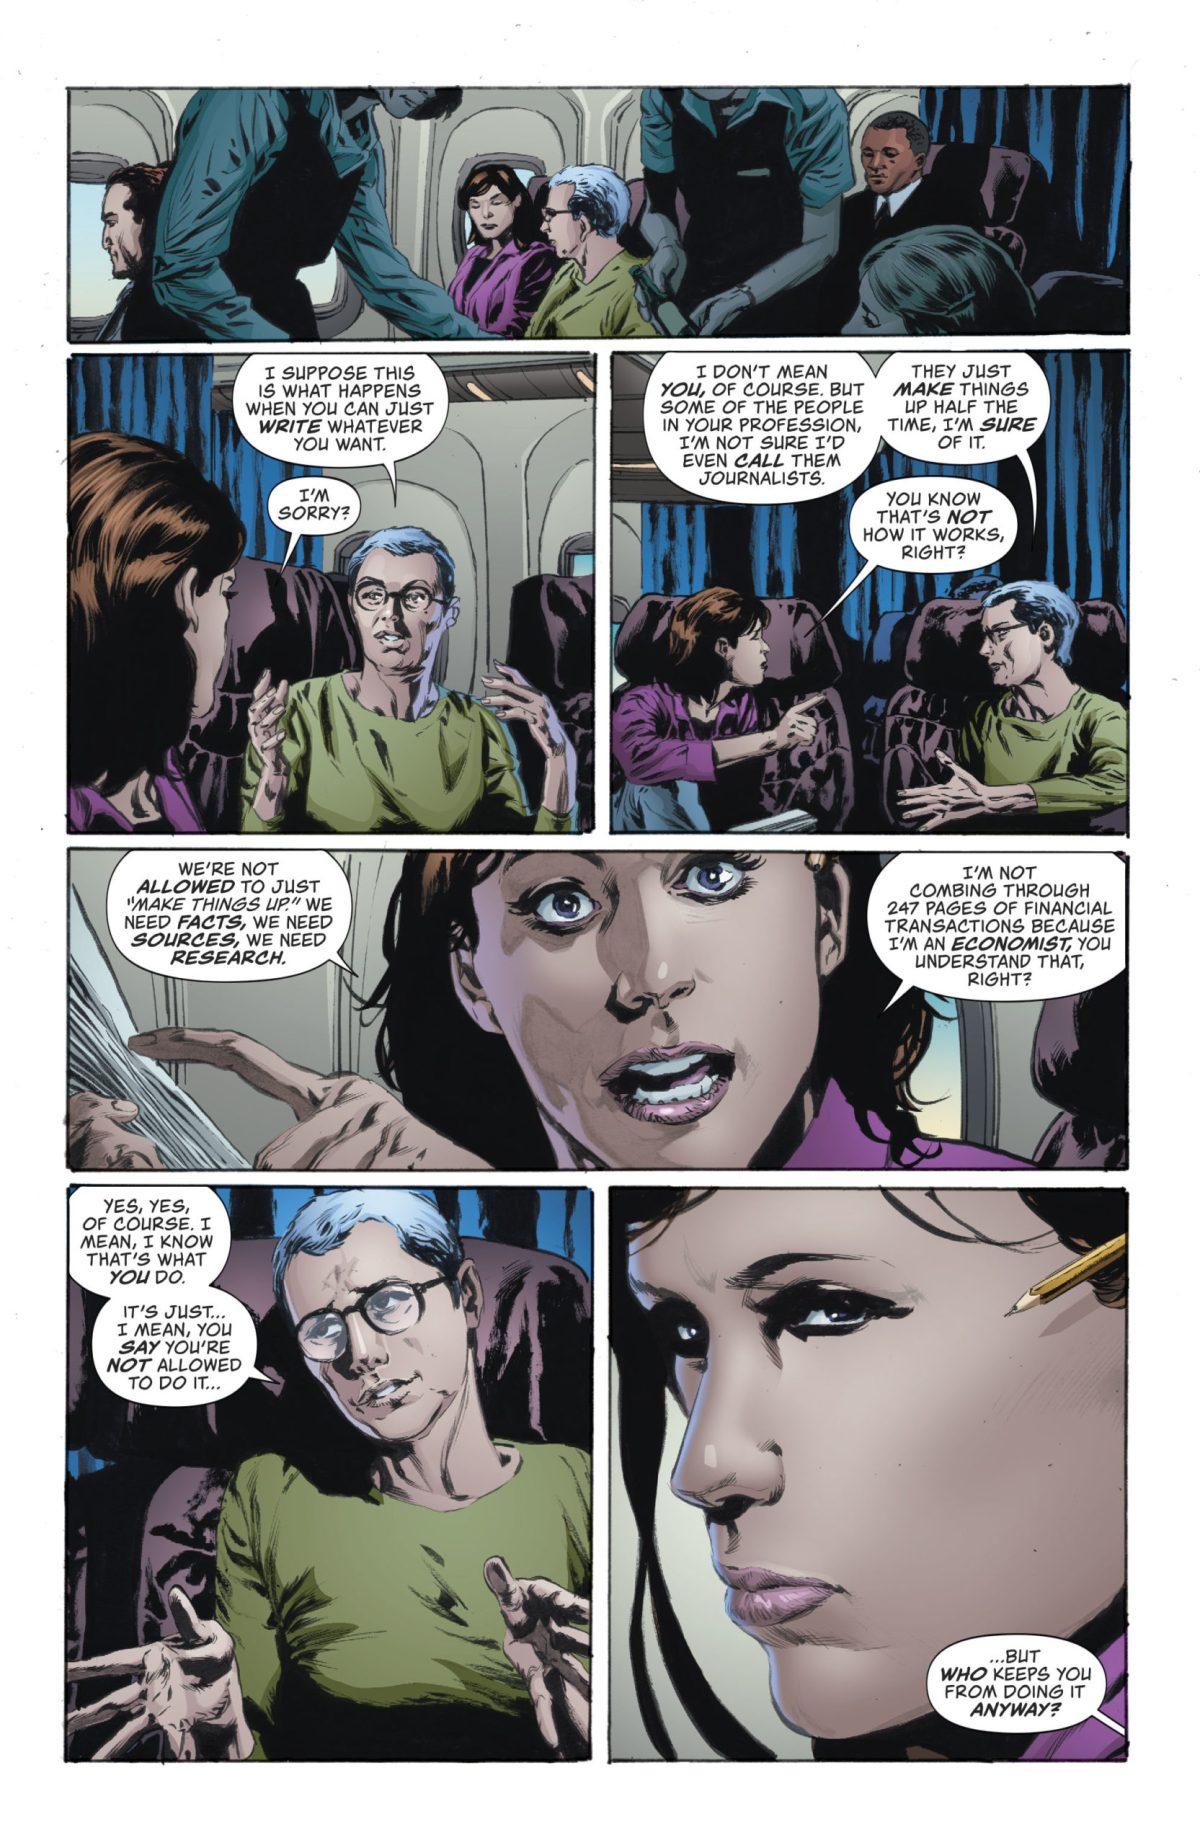 Lois explains journalism